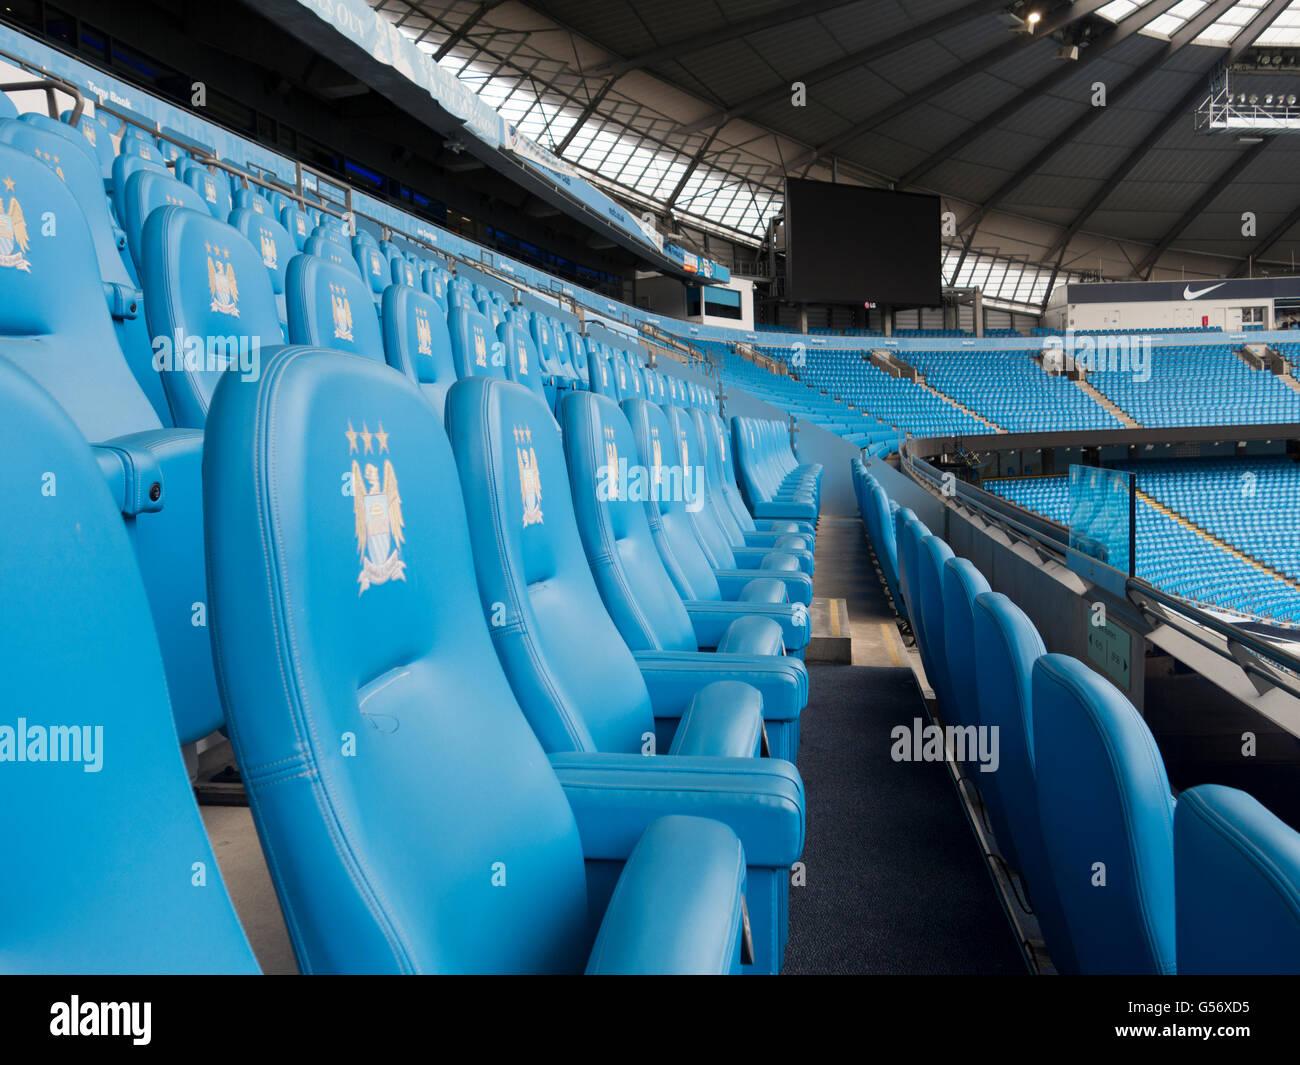 Posti a sedere all'interno Etihad Stadium Manchester City Football Club  Regno Unito Foto stock - Alamy